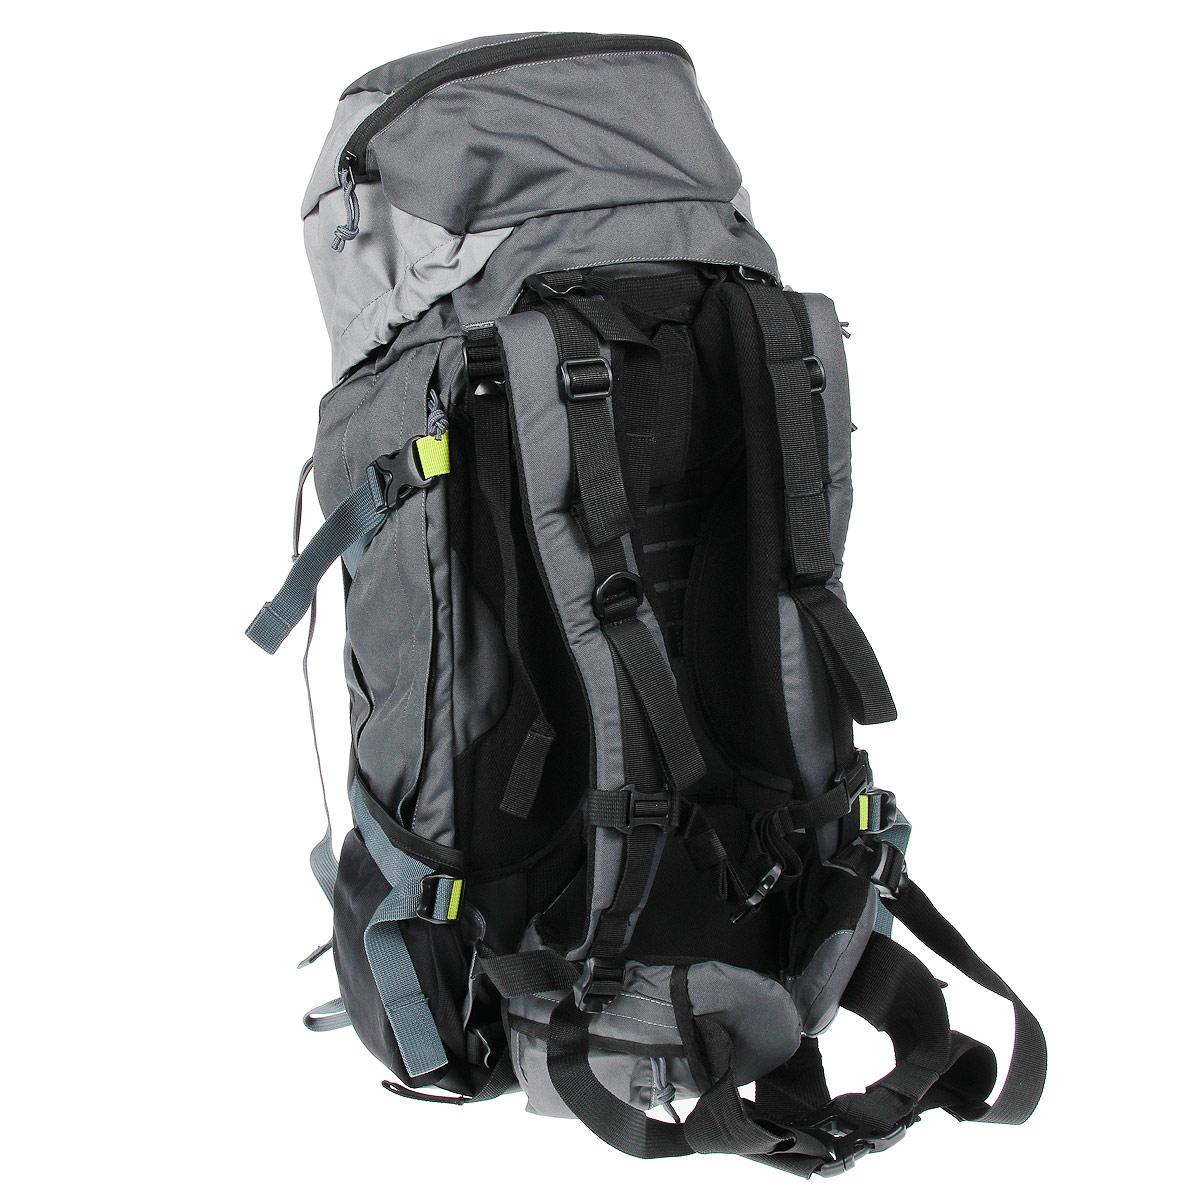 """Рюкзак WoodLand """"Mountana 60"""", цвет: черный, серый"""